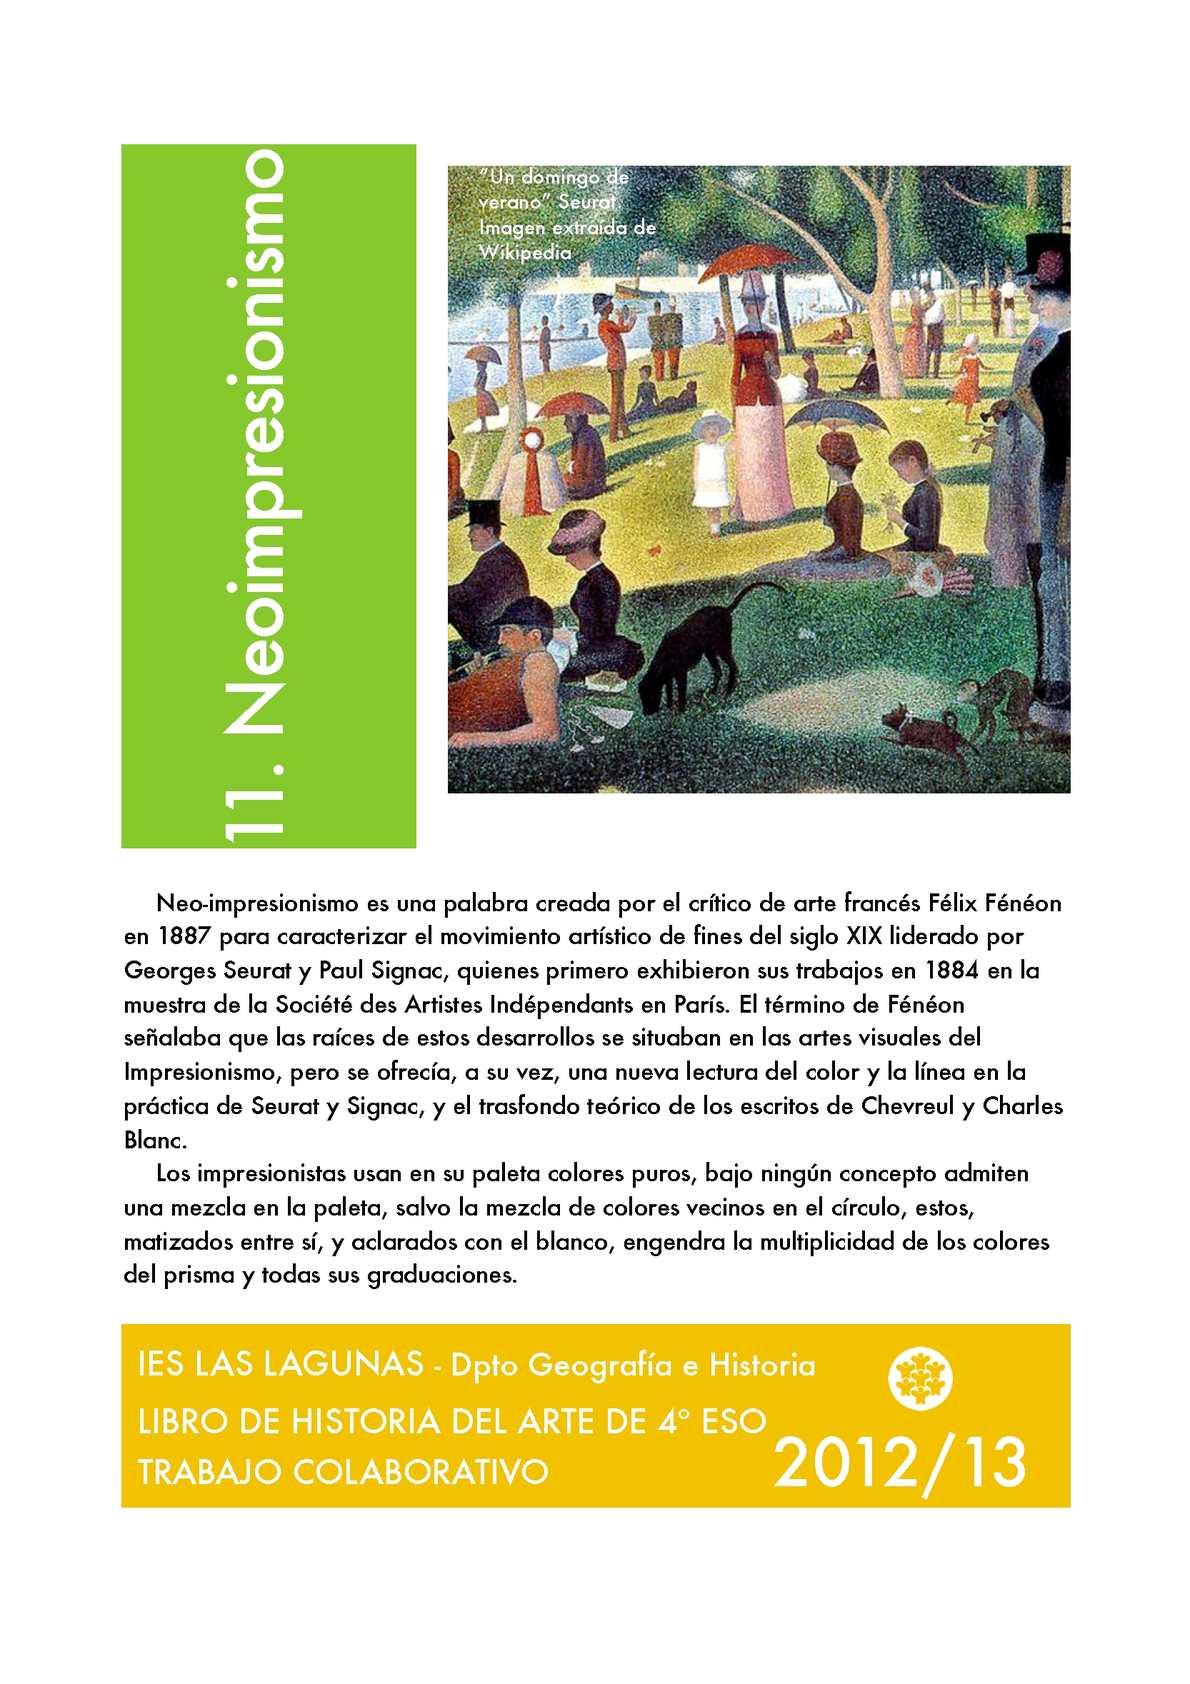 Libro Historia del arte 4º ESO Vol. 2 Curso 2012/13